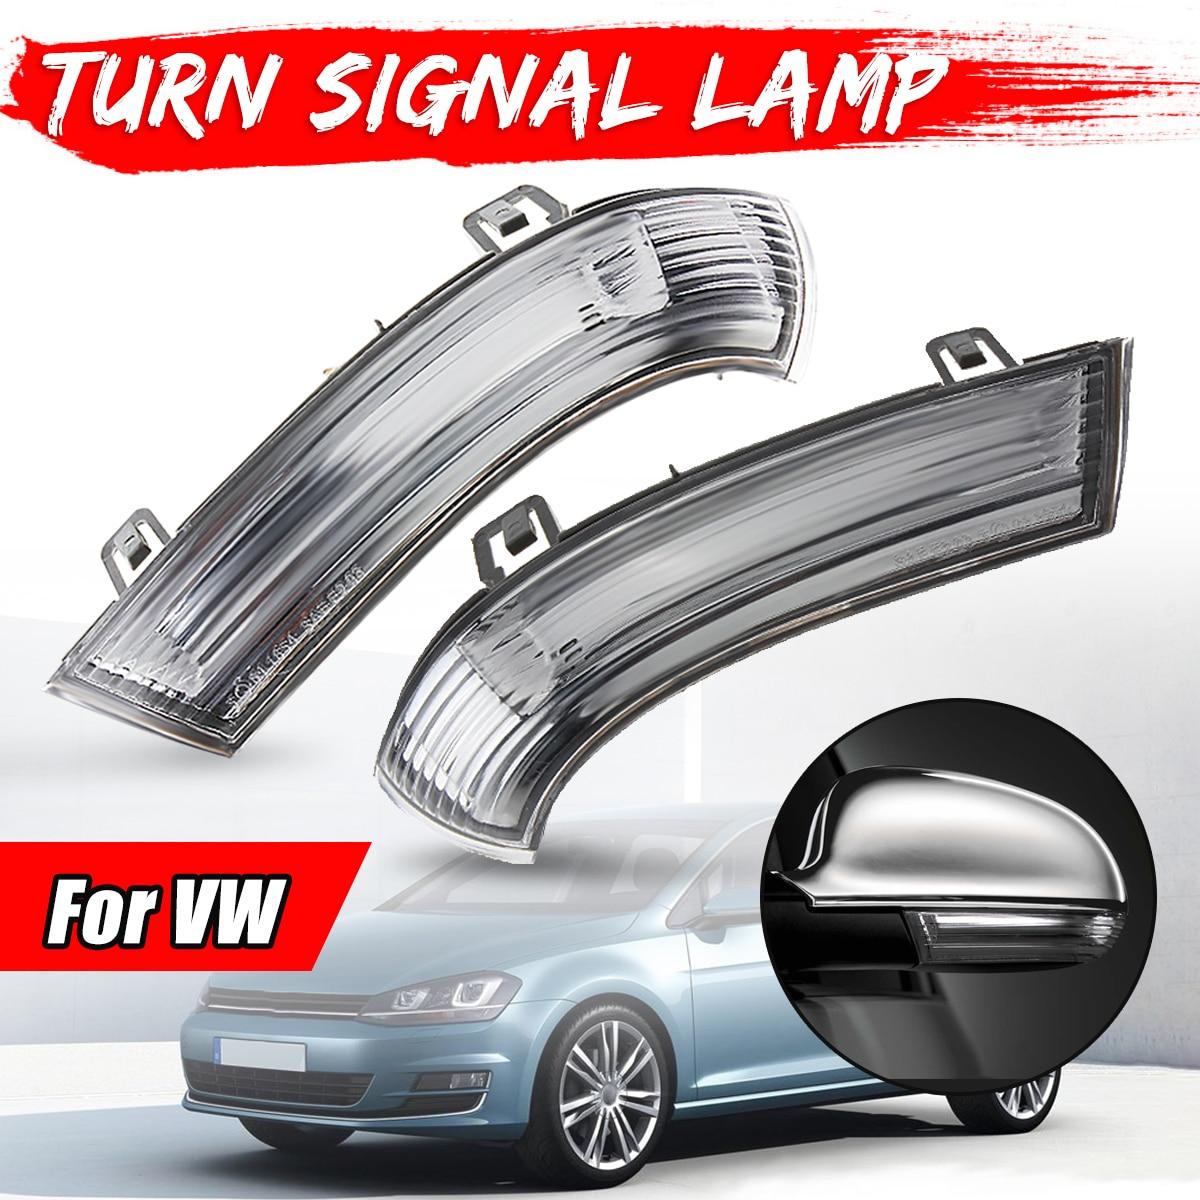 Car styling izquierda y derecha Indicador de espejo lateral lámpara de señal de giro para VW/MK5/Golf/Passat/ jetta/Sharan 1K0949101 1K0949102